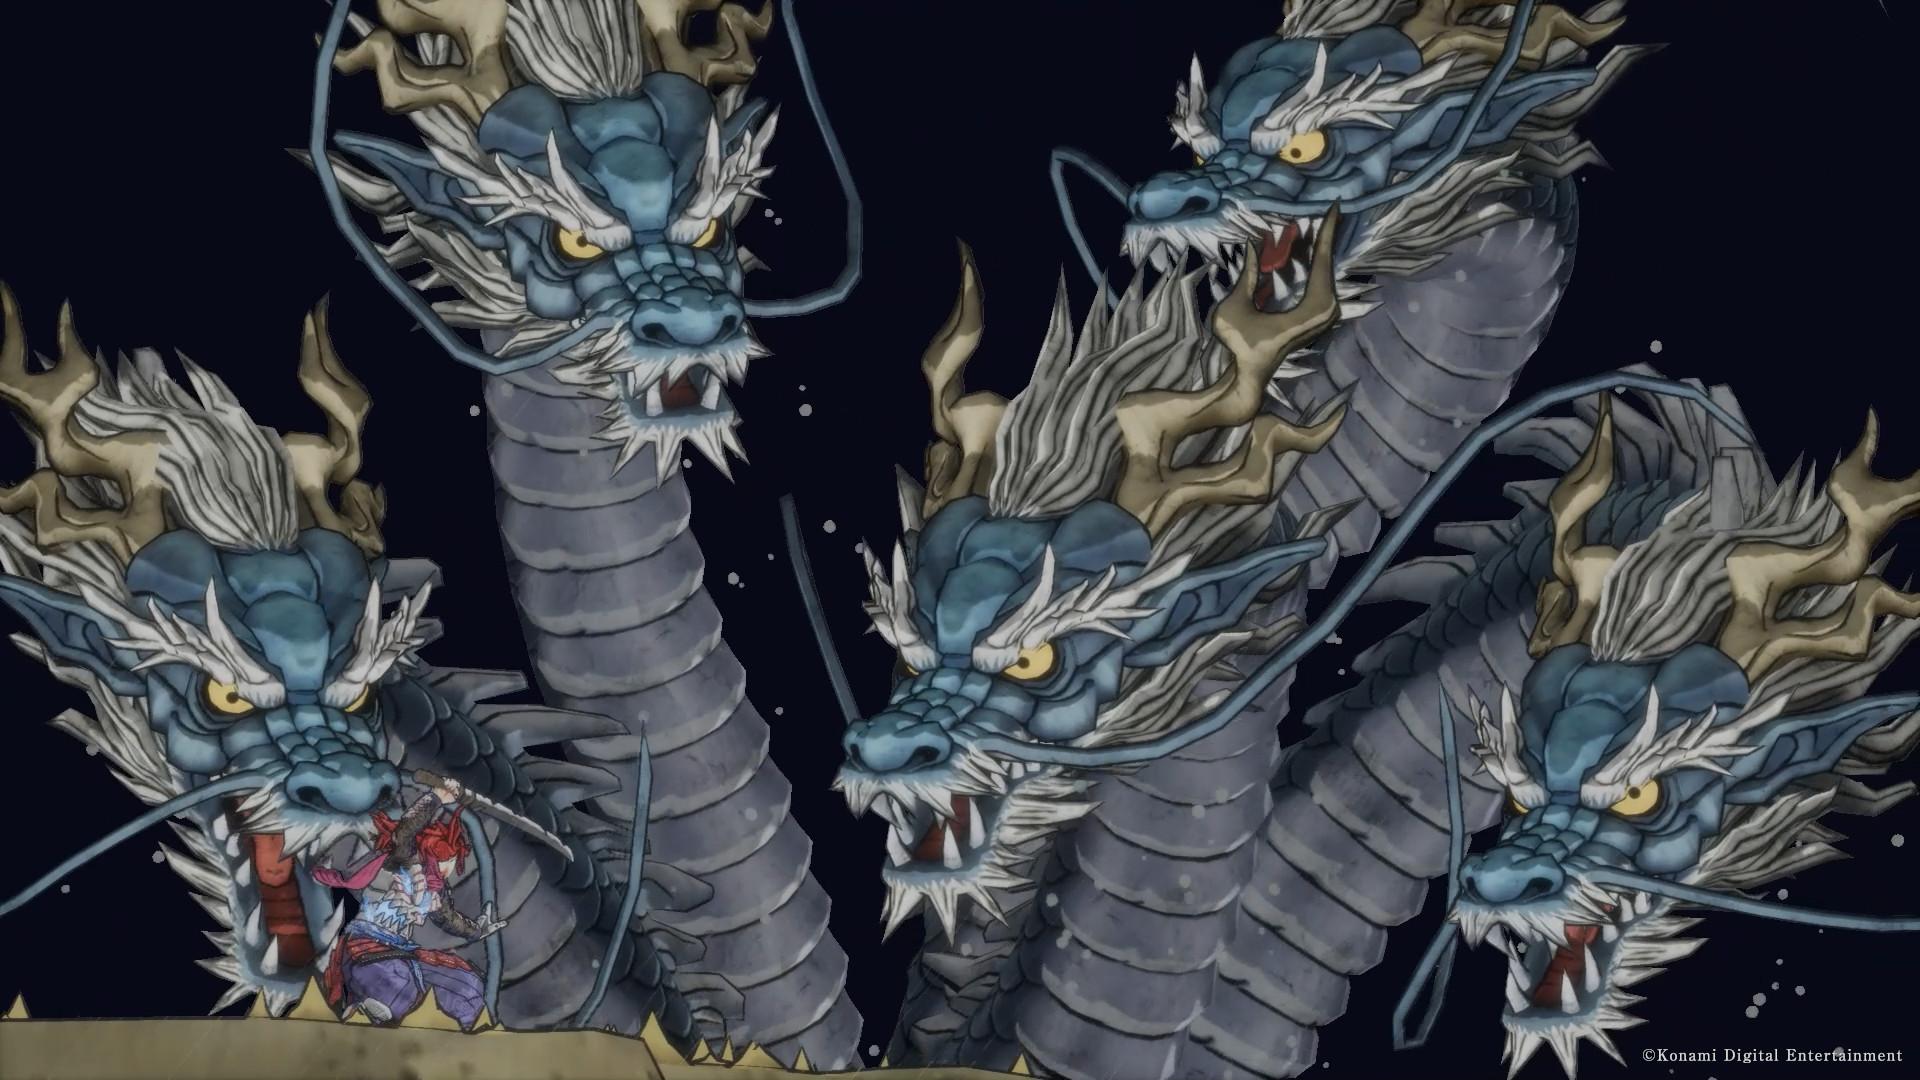 GetsuFumaDen - Undying Moon